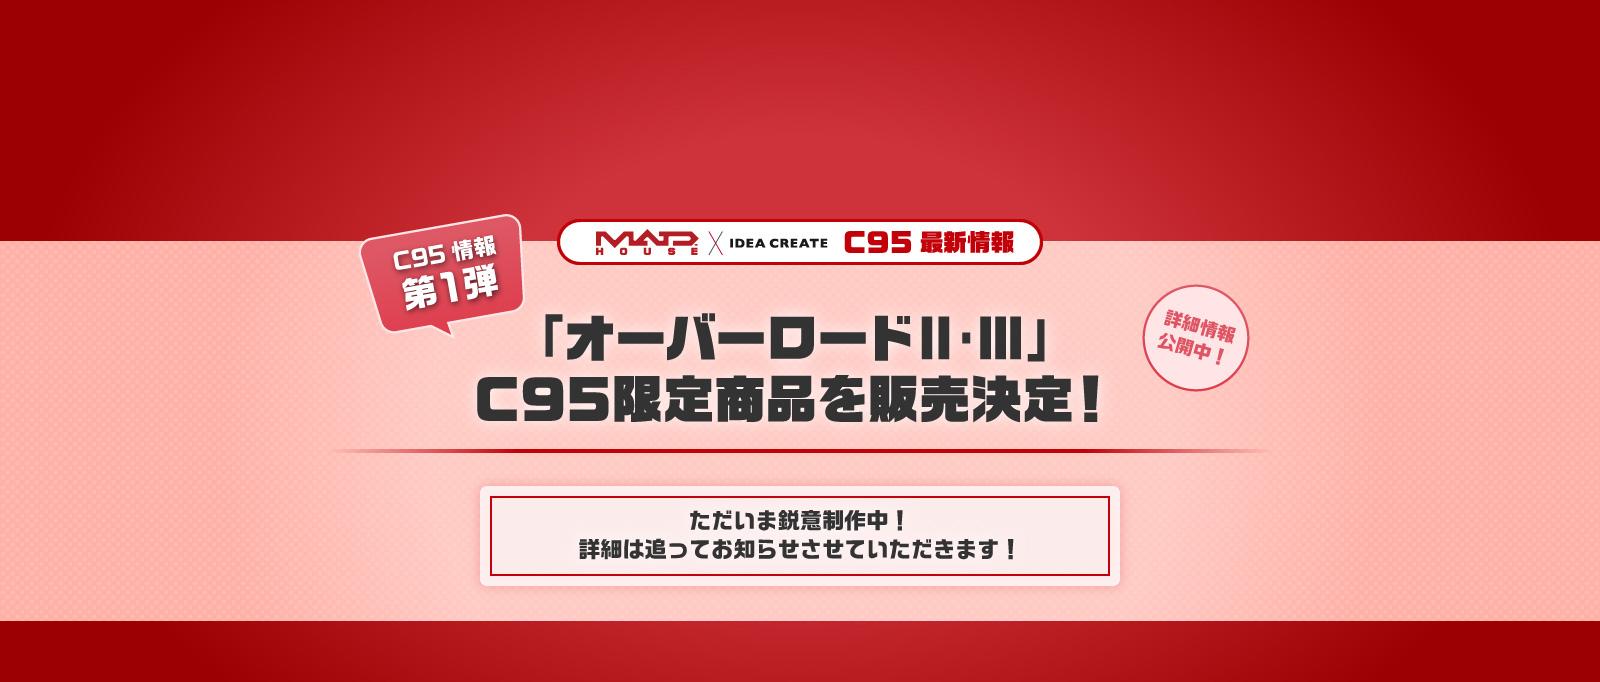 MADHOUSE × IDEA CREATE 2018年冬 「コミックマーケット95」出展情報はこちら